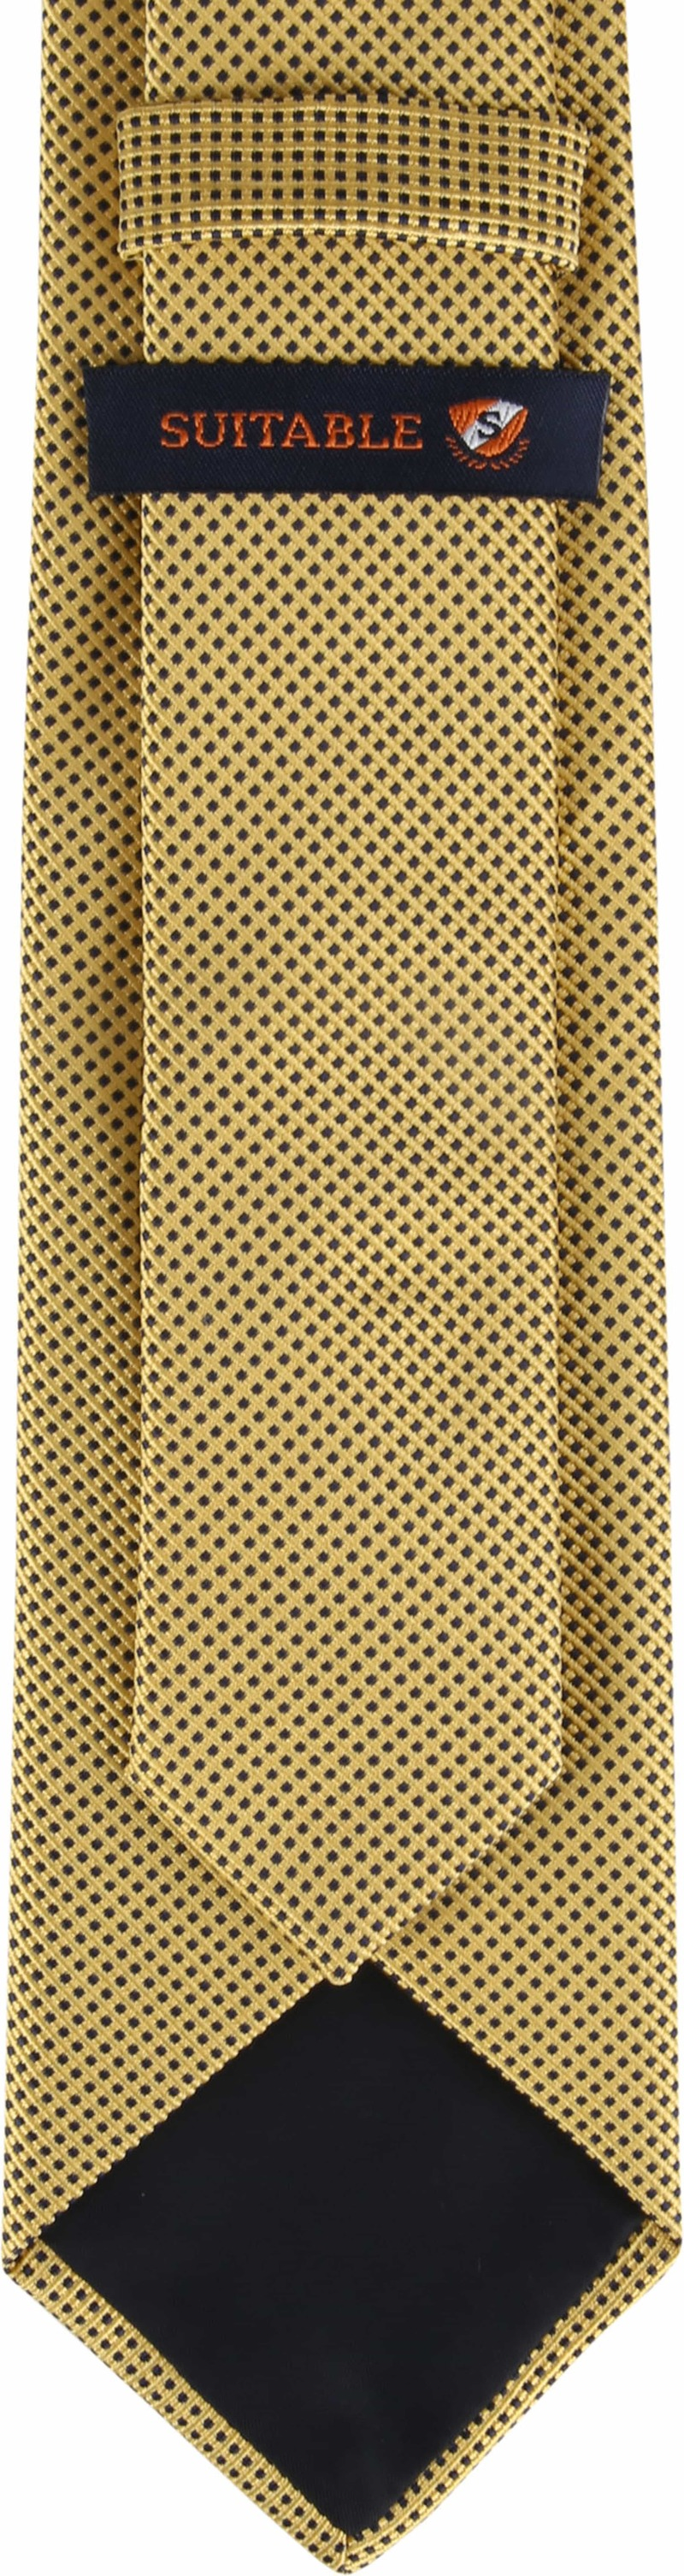 Suitable Krawatte Gelb F01-05 Foto 2